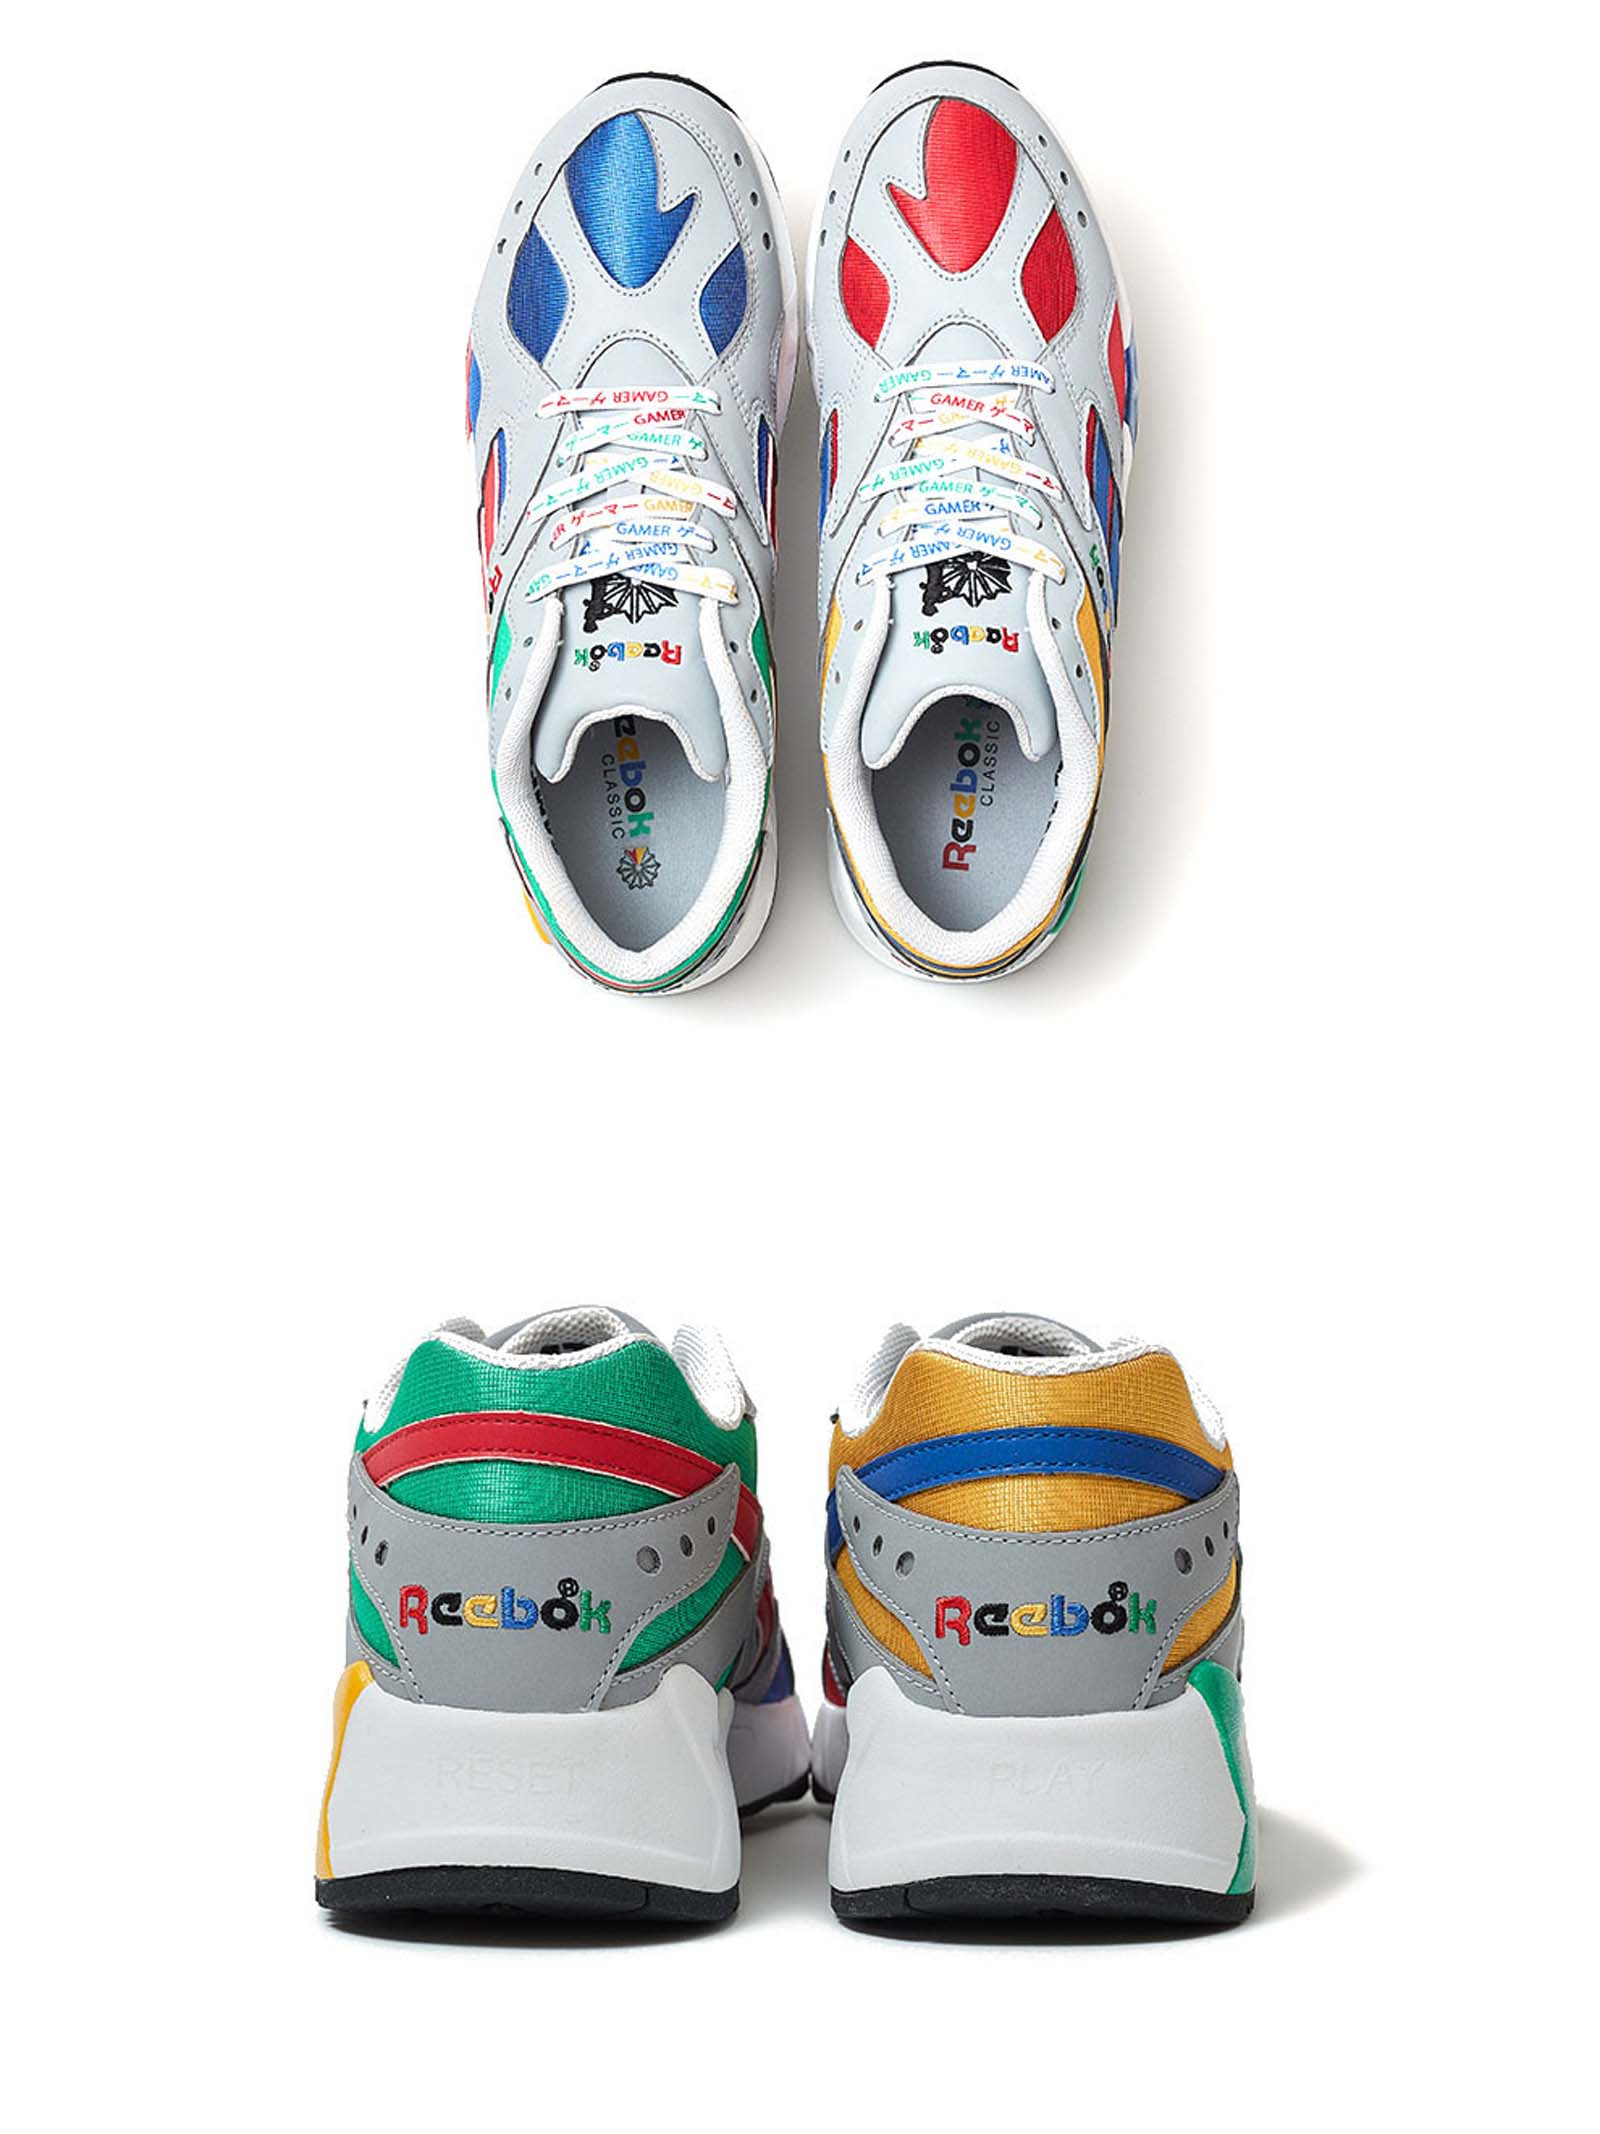 low priced 66edf 5d4ea Reebok & BILLY'S setzen mit dem Nintendo-Sneaker auf ...